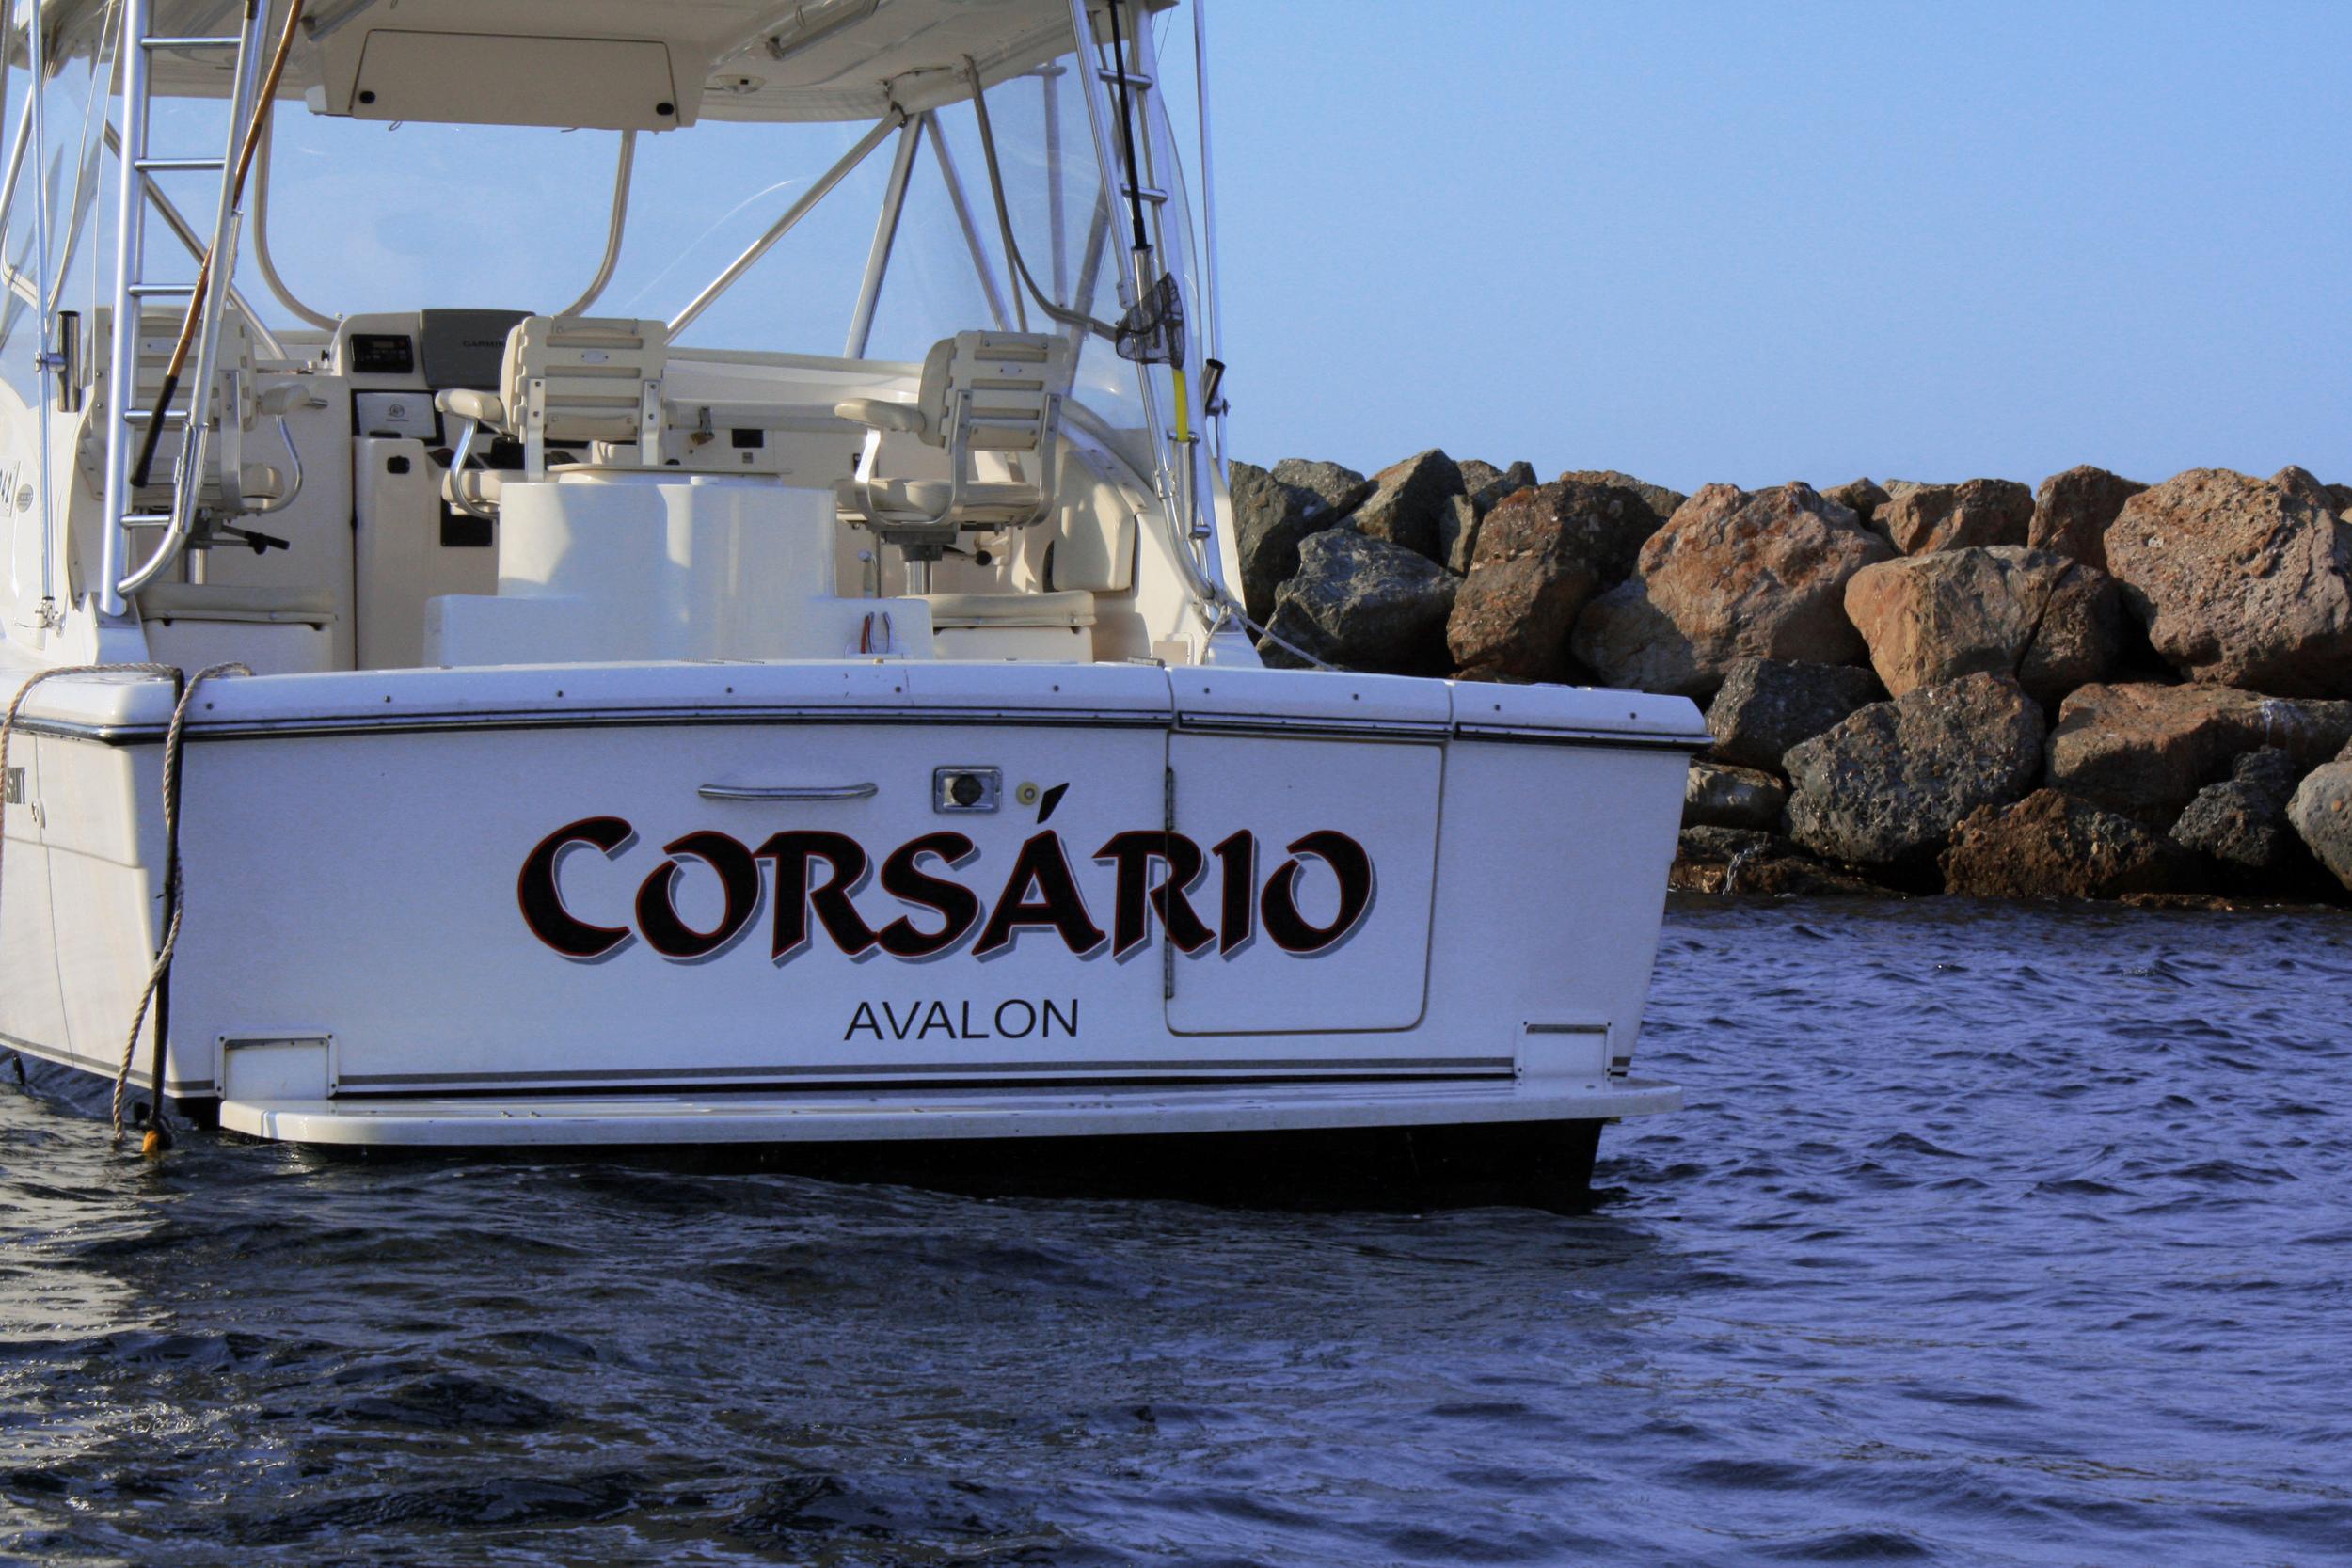 corsario5.JPG